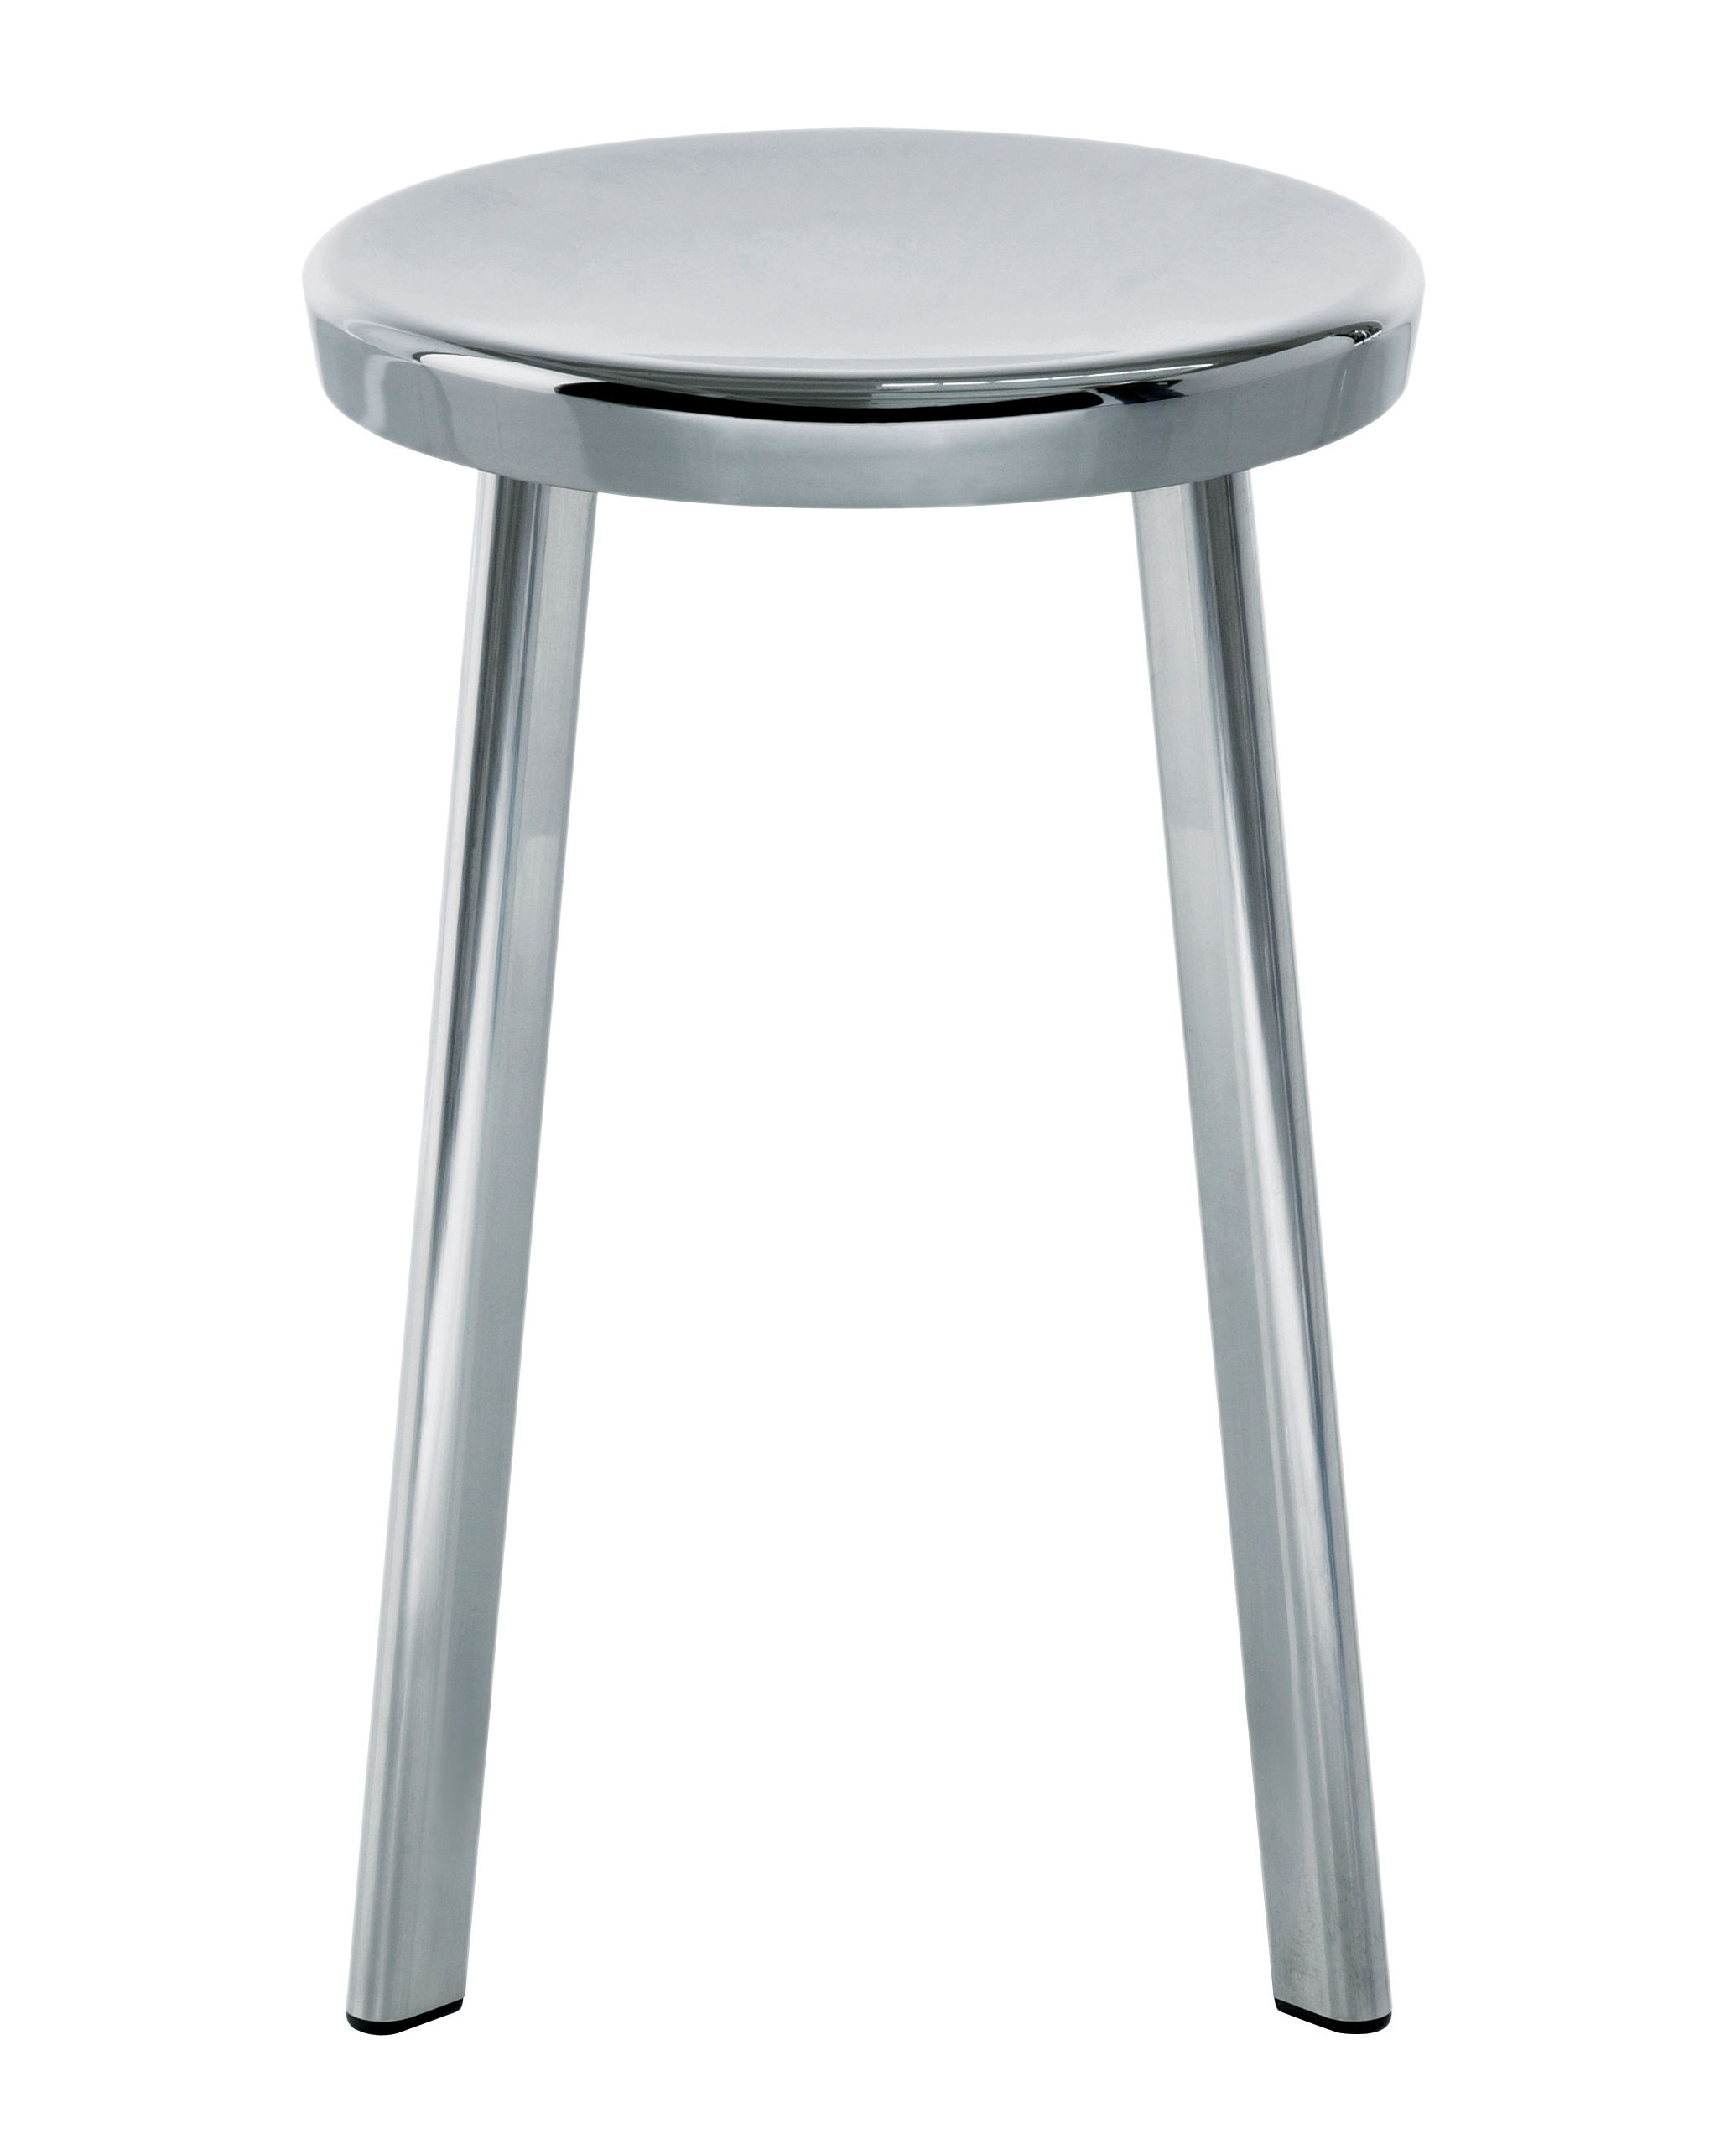 Möbel - Hocker - Déjà-vu Hocker - Magis - Aluminium - Gussaluminium, poliertes Aluminium